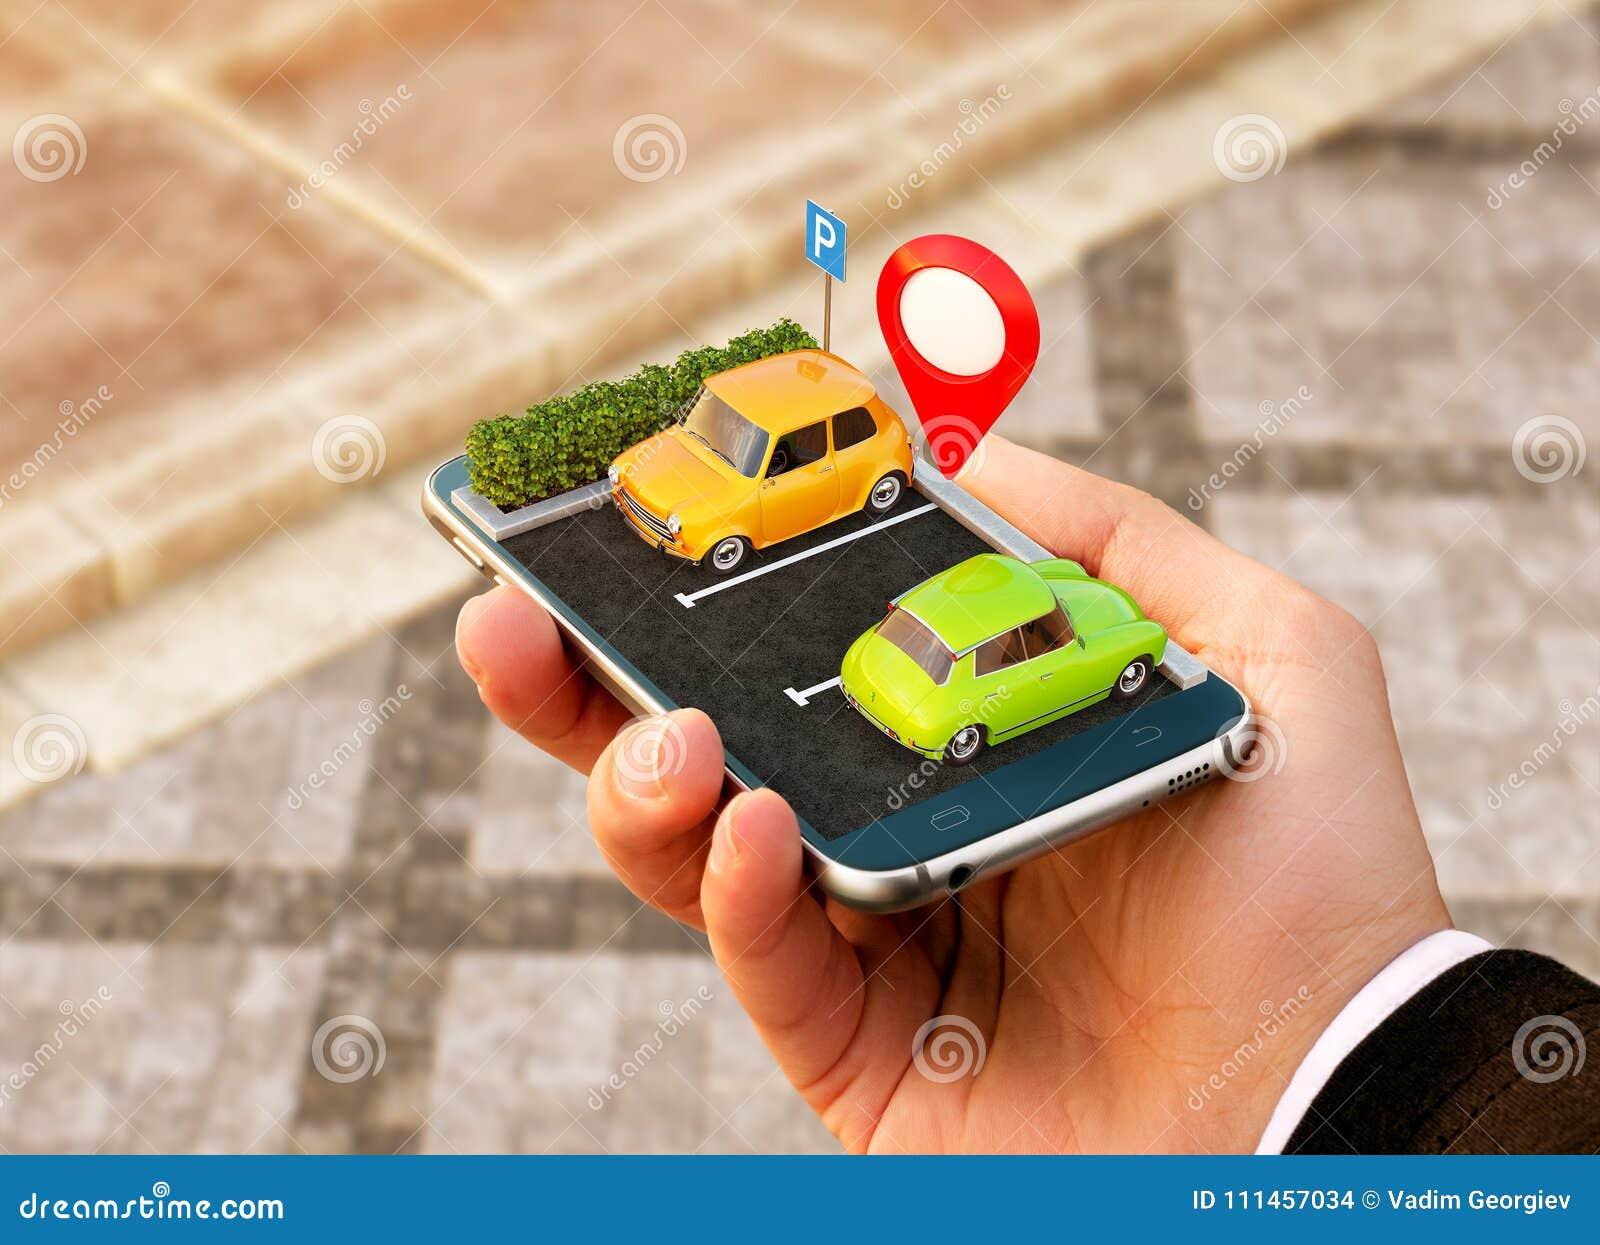 Smartphone zastosowanie dla onlinego gmerania parking bezpłatnego miejsca na mapie GPS nawigacja Parking pojęcie